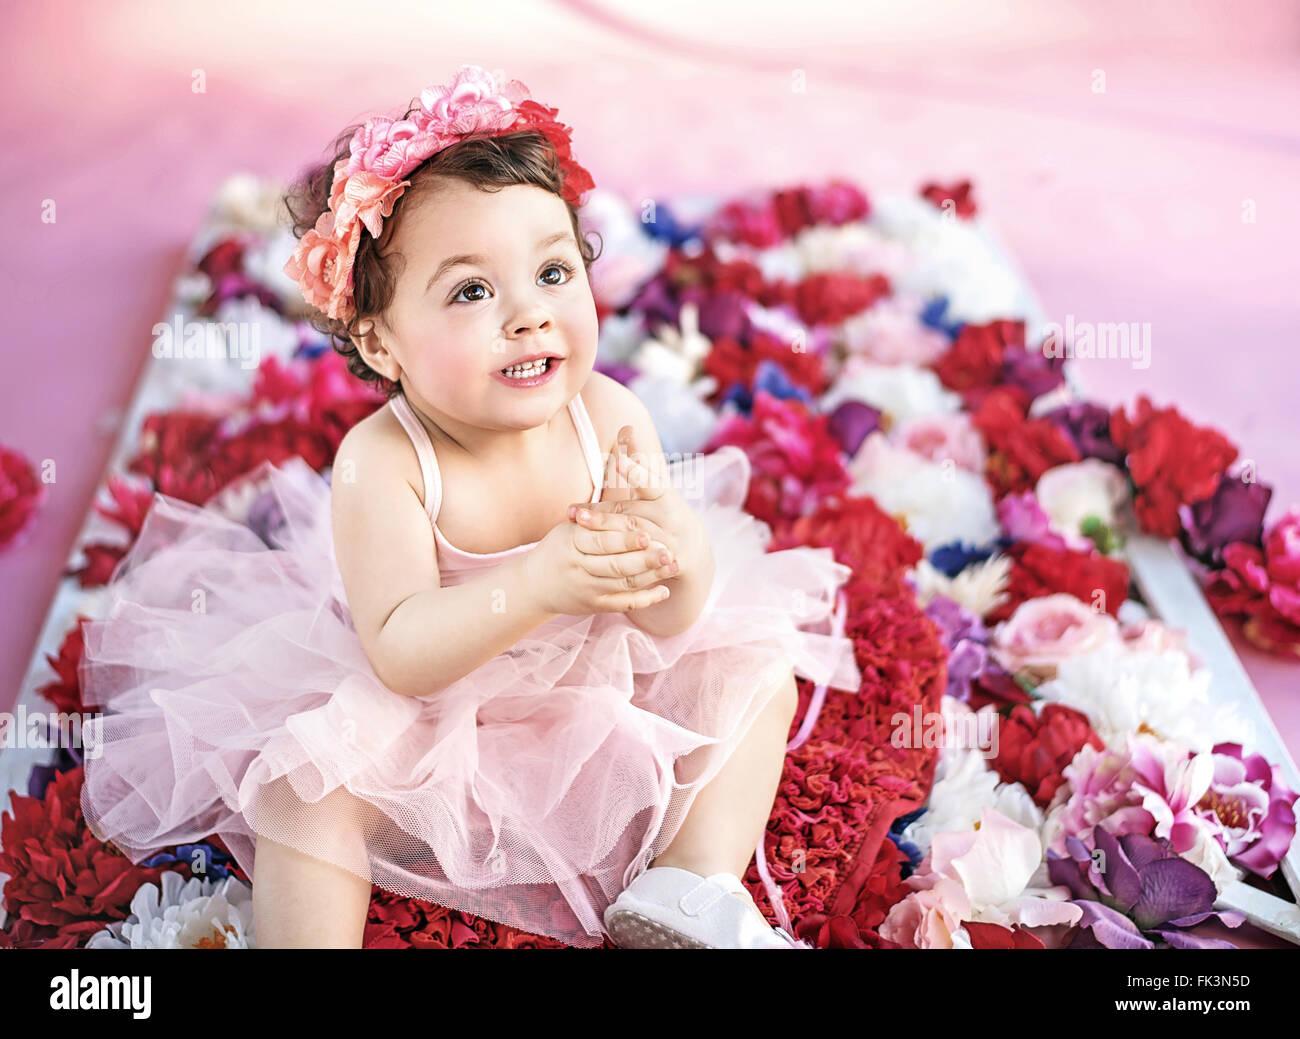 Linda chica sentada en un ramo de flores Imagen De Stock